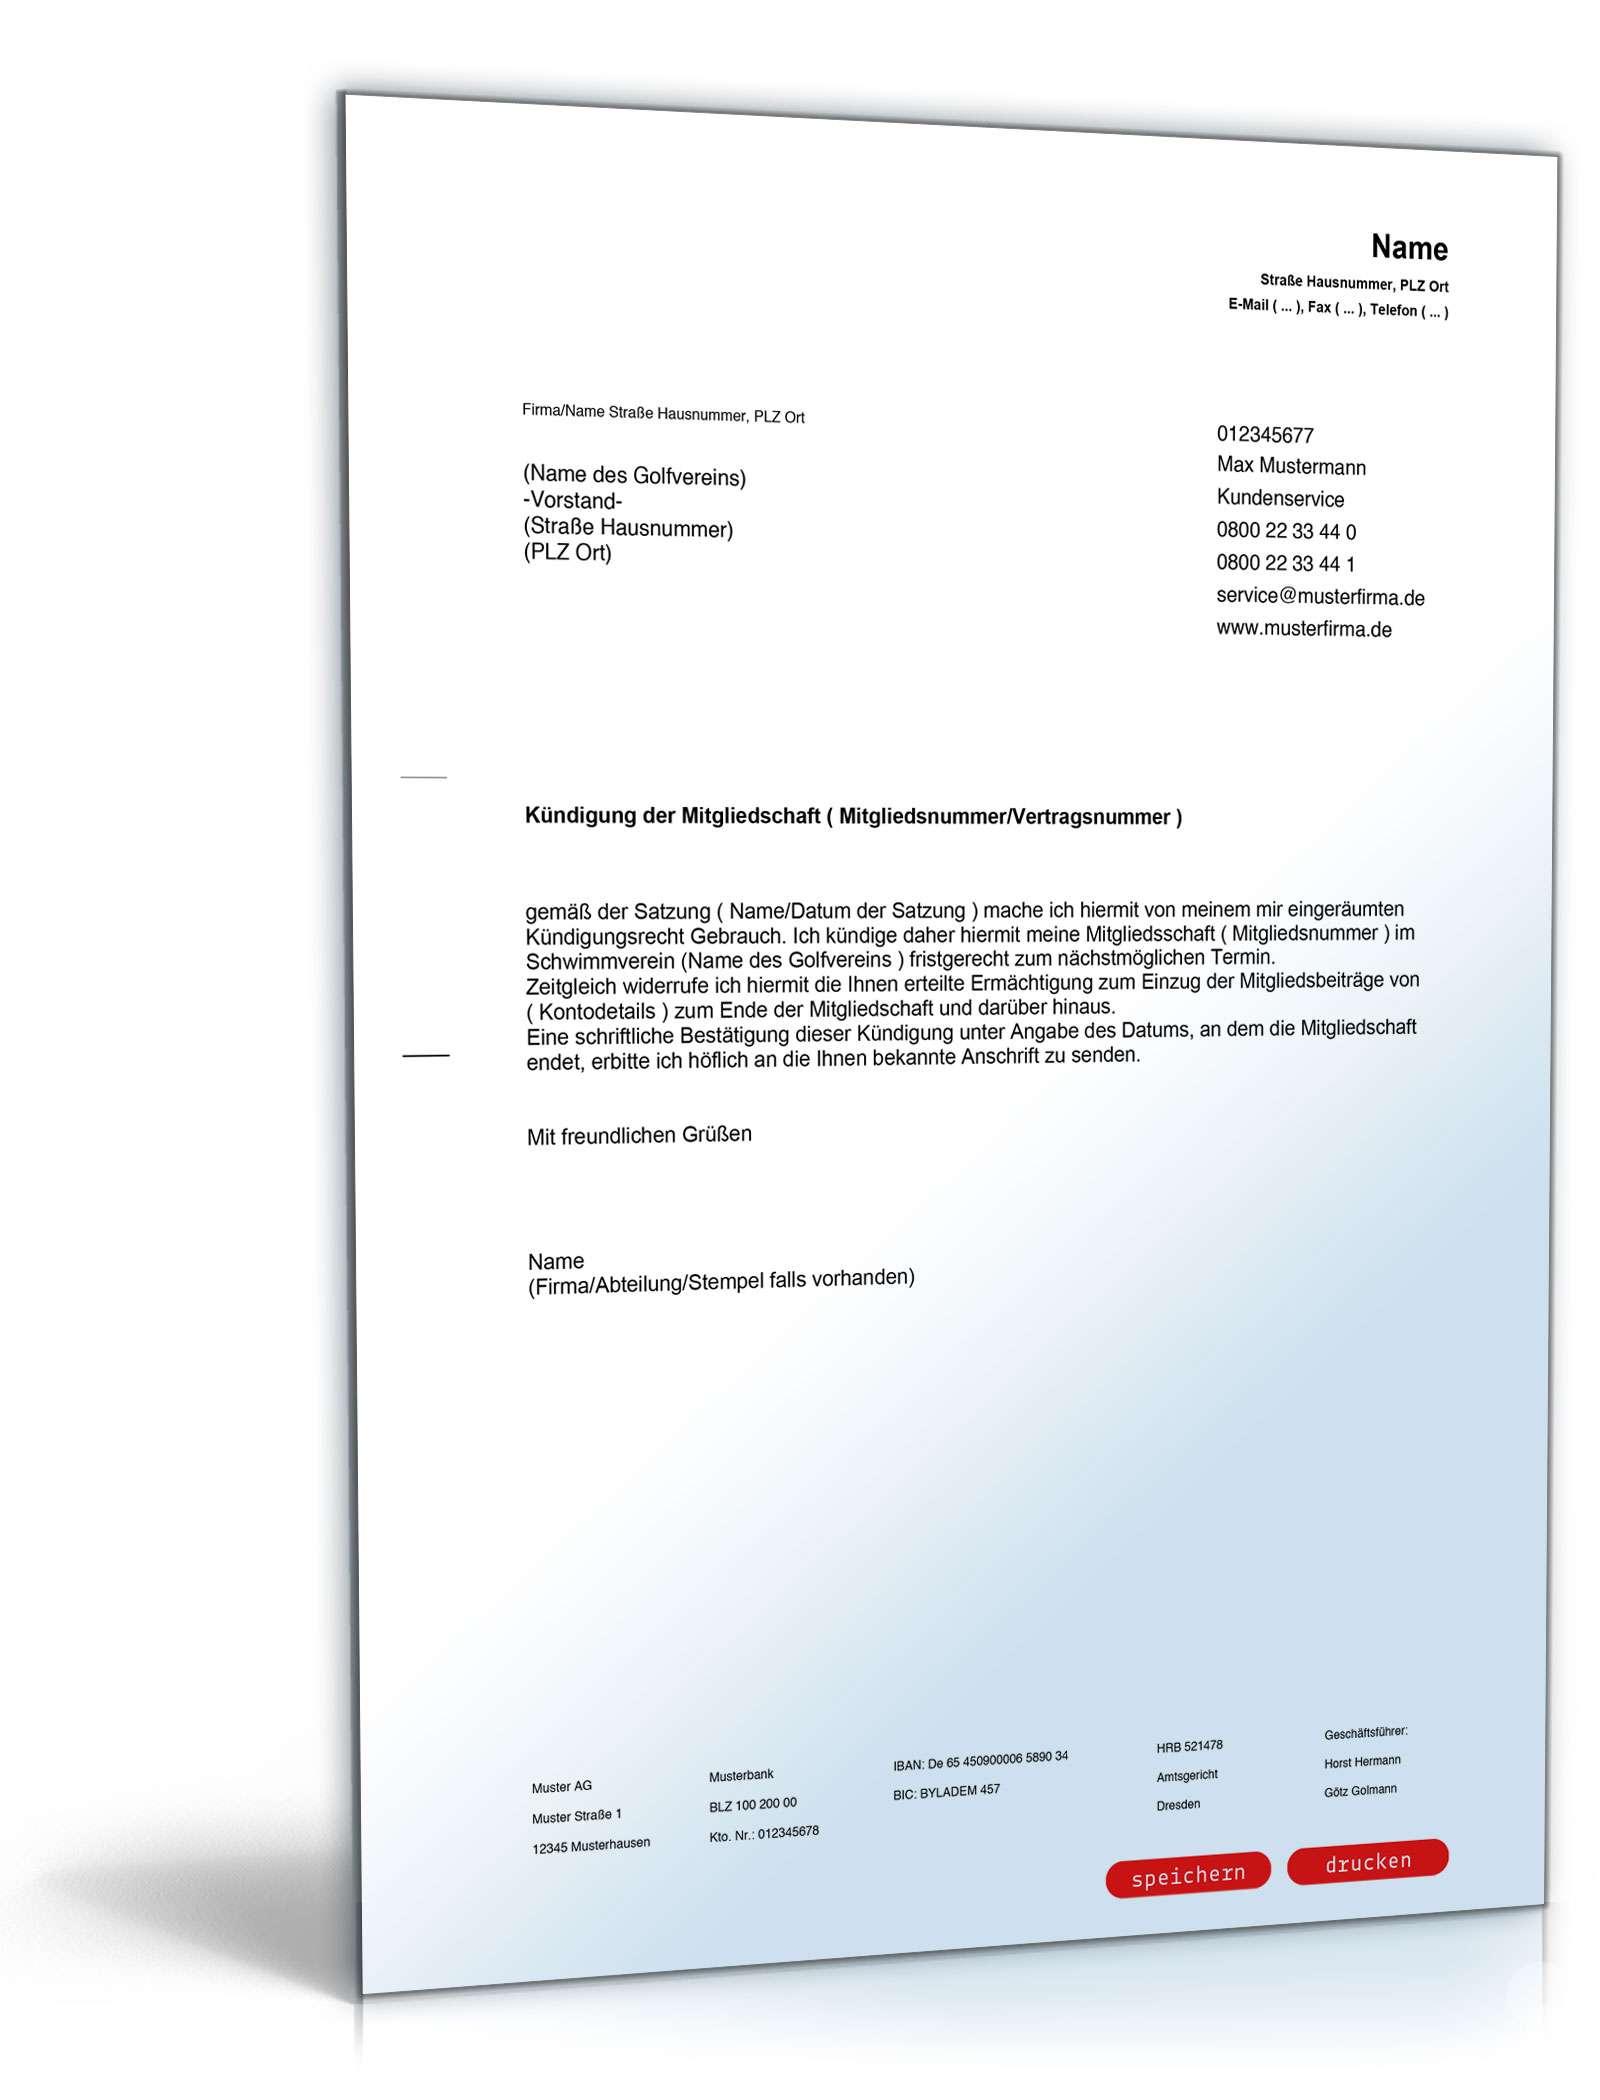 Kündigung Mitgliedschaft Golfverein Muster Zum Download